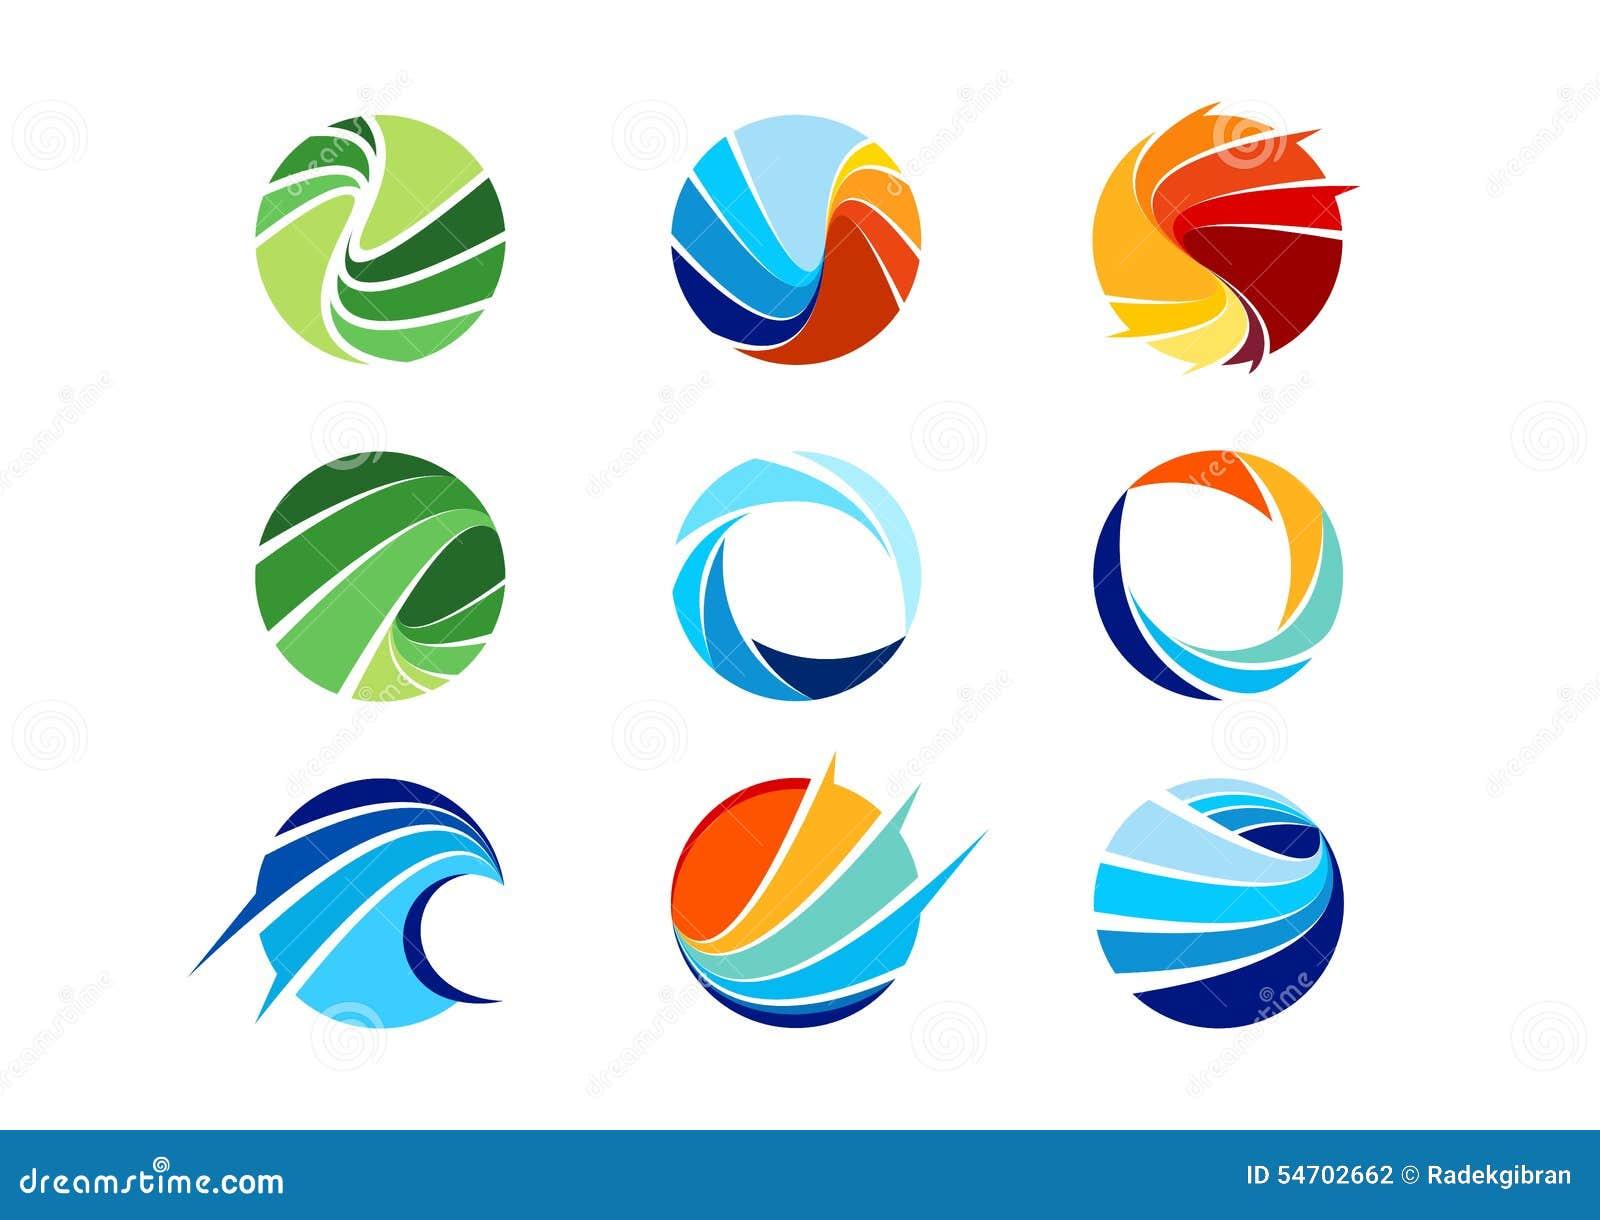 球形,圈子,商标,全球性,抽象,事务,公司,公司,无限,套圆的象标志传染媒介设计